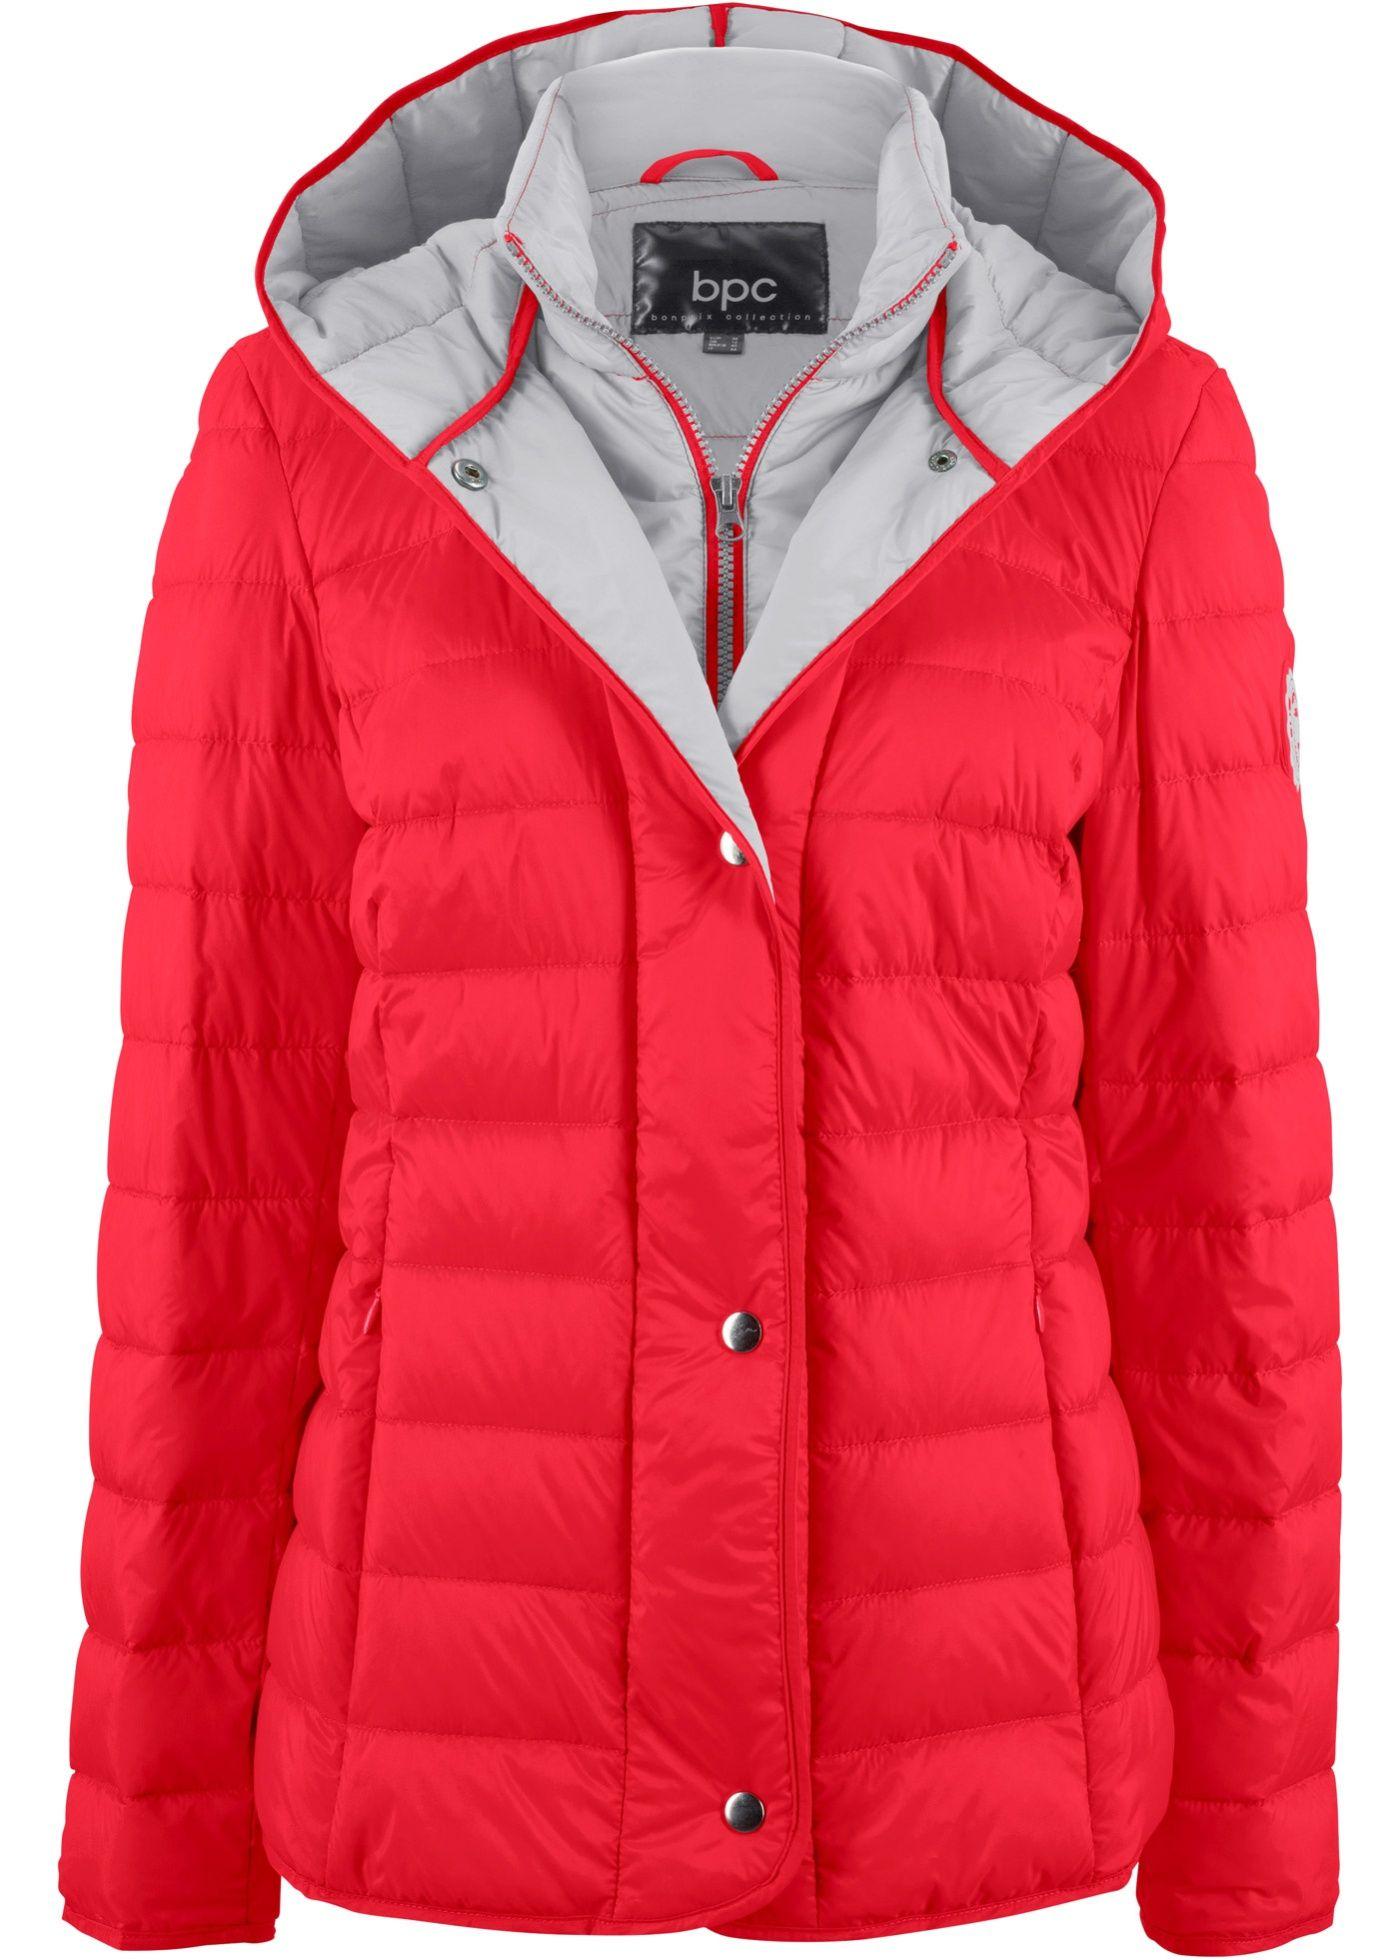 Schöne Jacke mit Kapuze | Products in 2019 | Jacken, Jacke